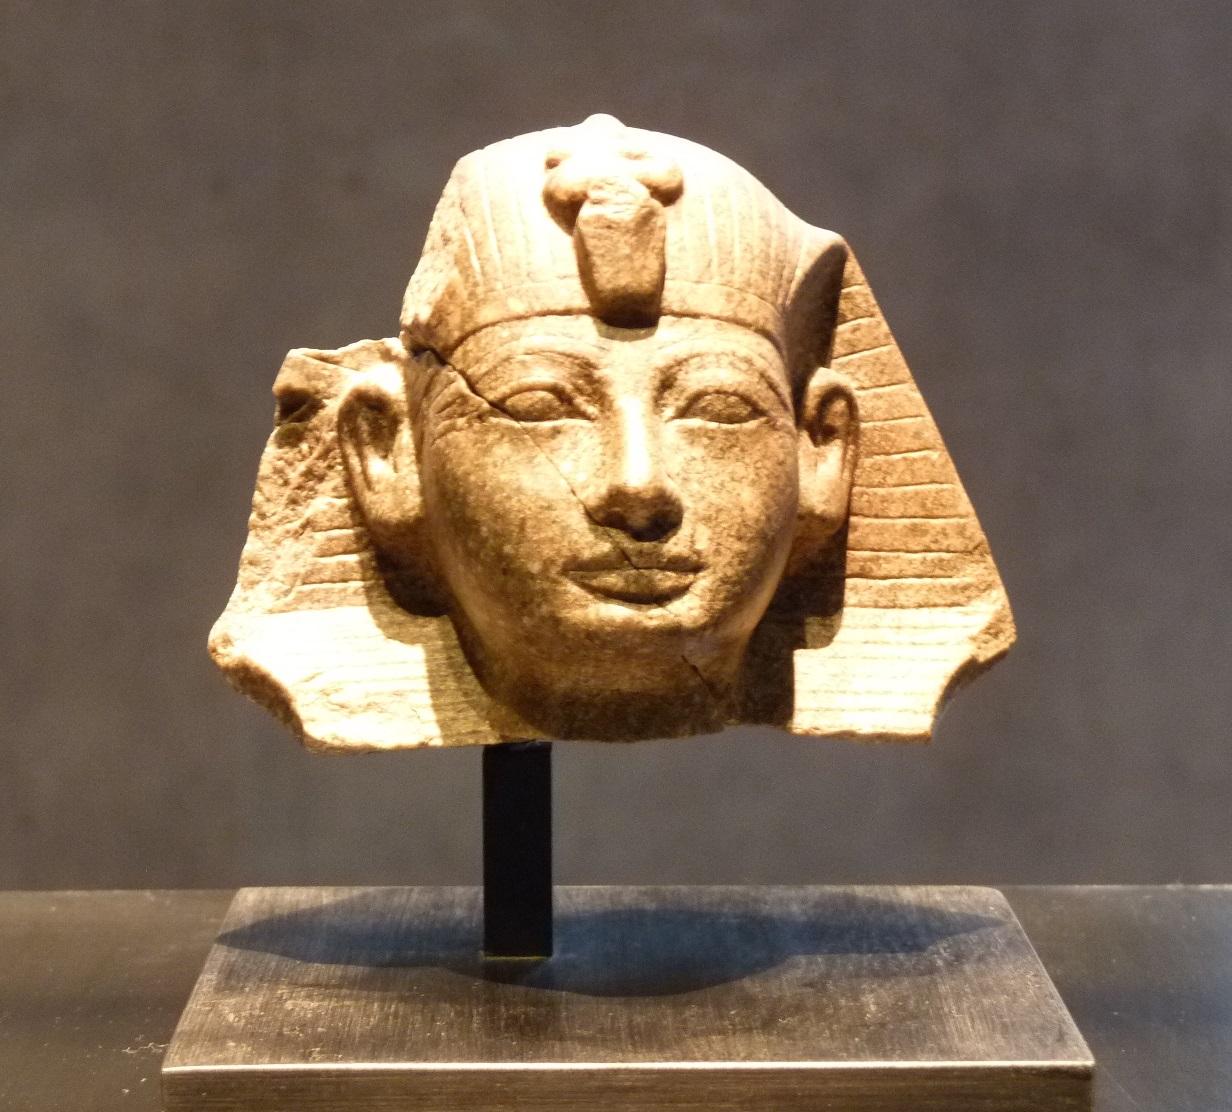 File:Amenhotep II head.JPG - Wikimedia Commons